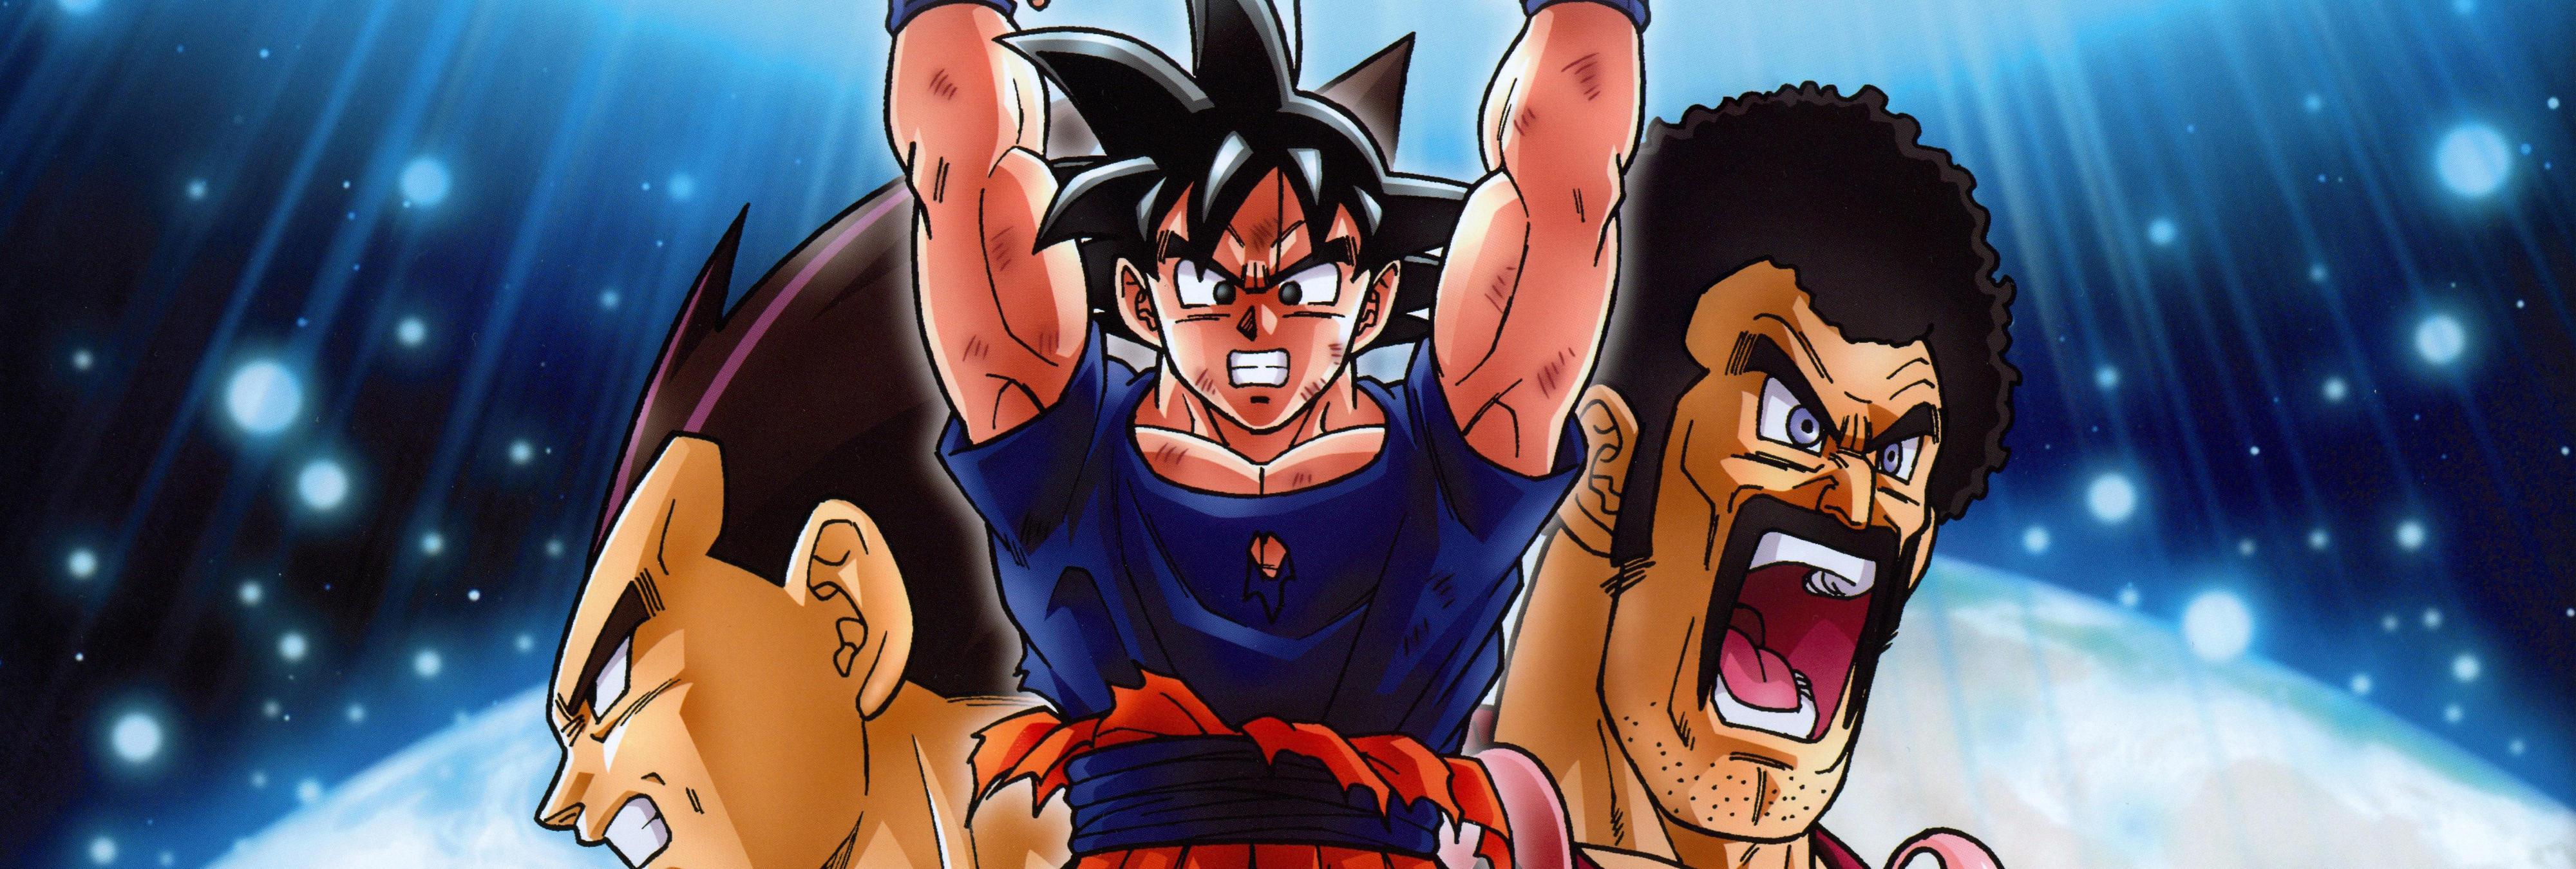 9 lecciones que aprendimos viendo 'Dragon Ball'